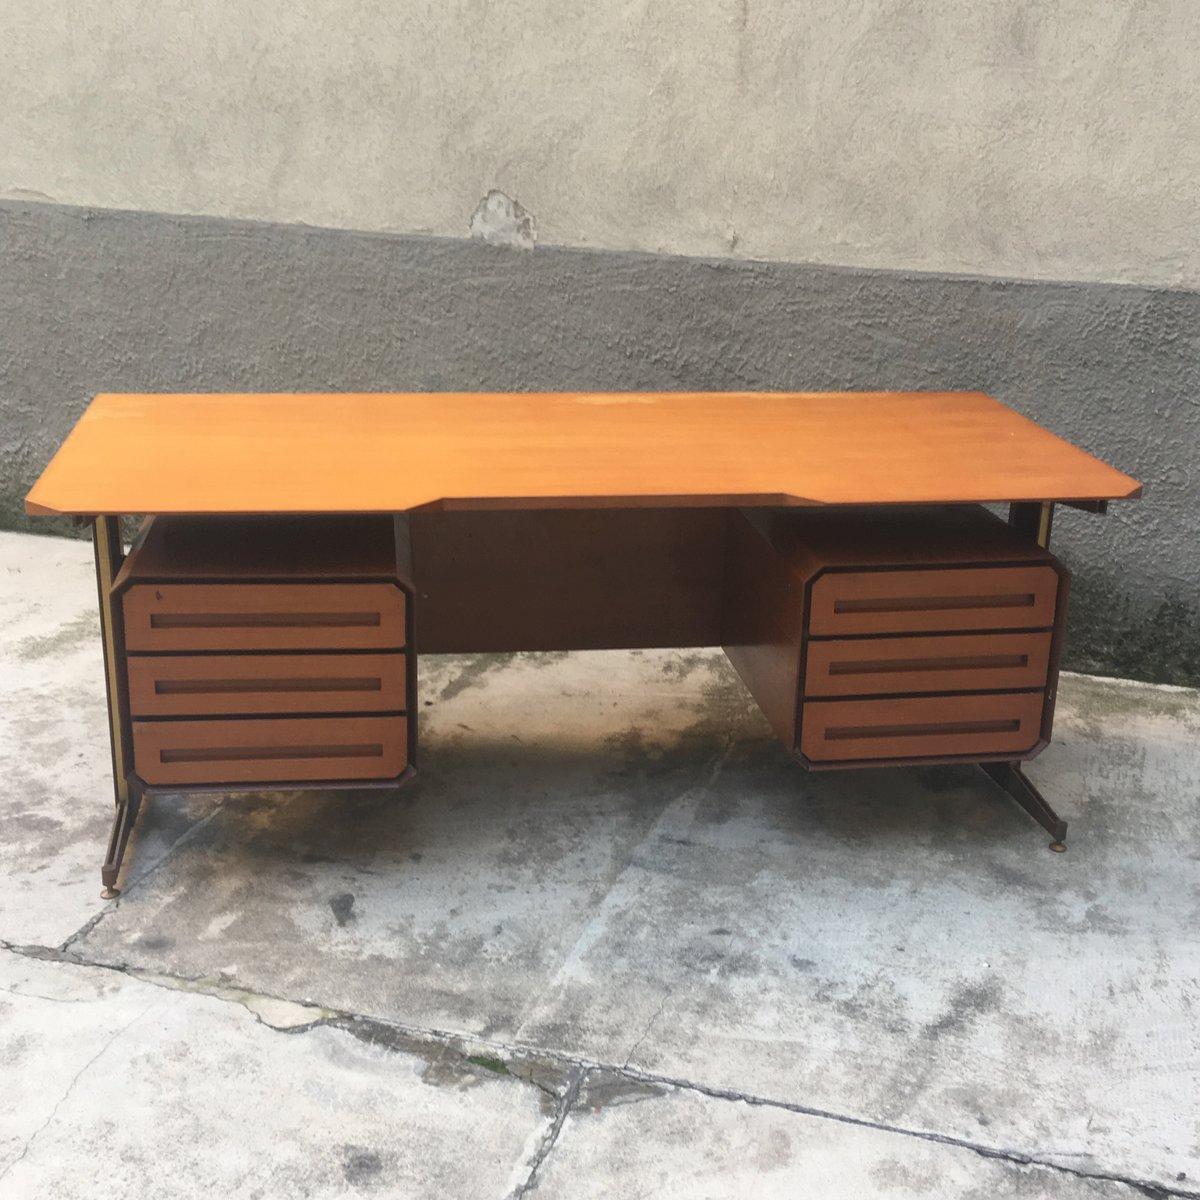 italienischer vintage schreibtisch aus holz metall bei pamono kaufen. Black Bedroom Furniture Sets. Home Design Ideas